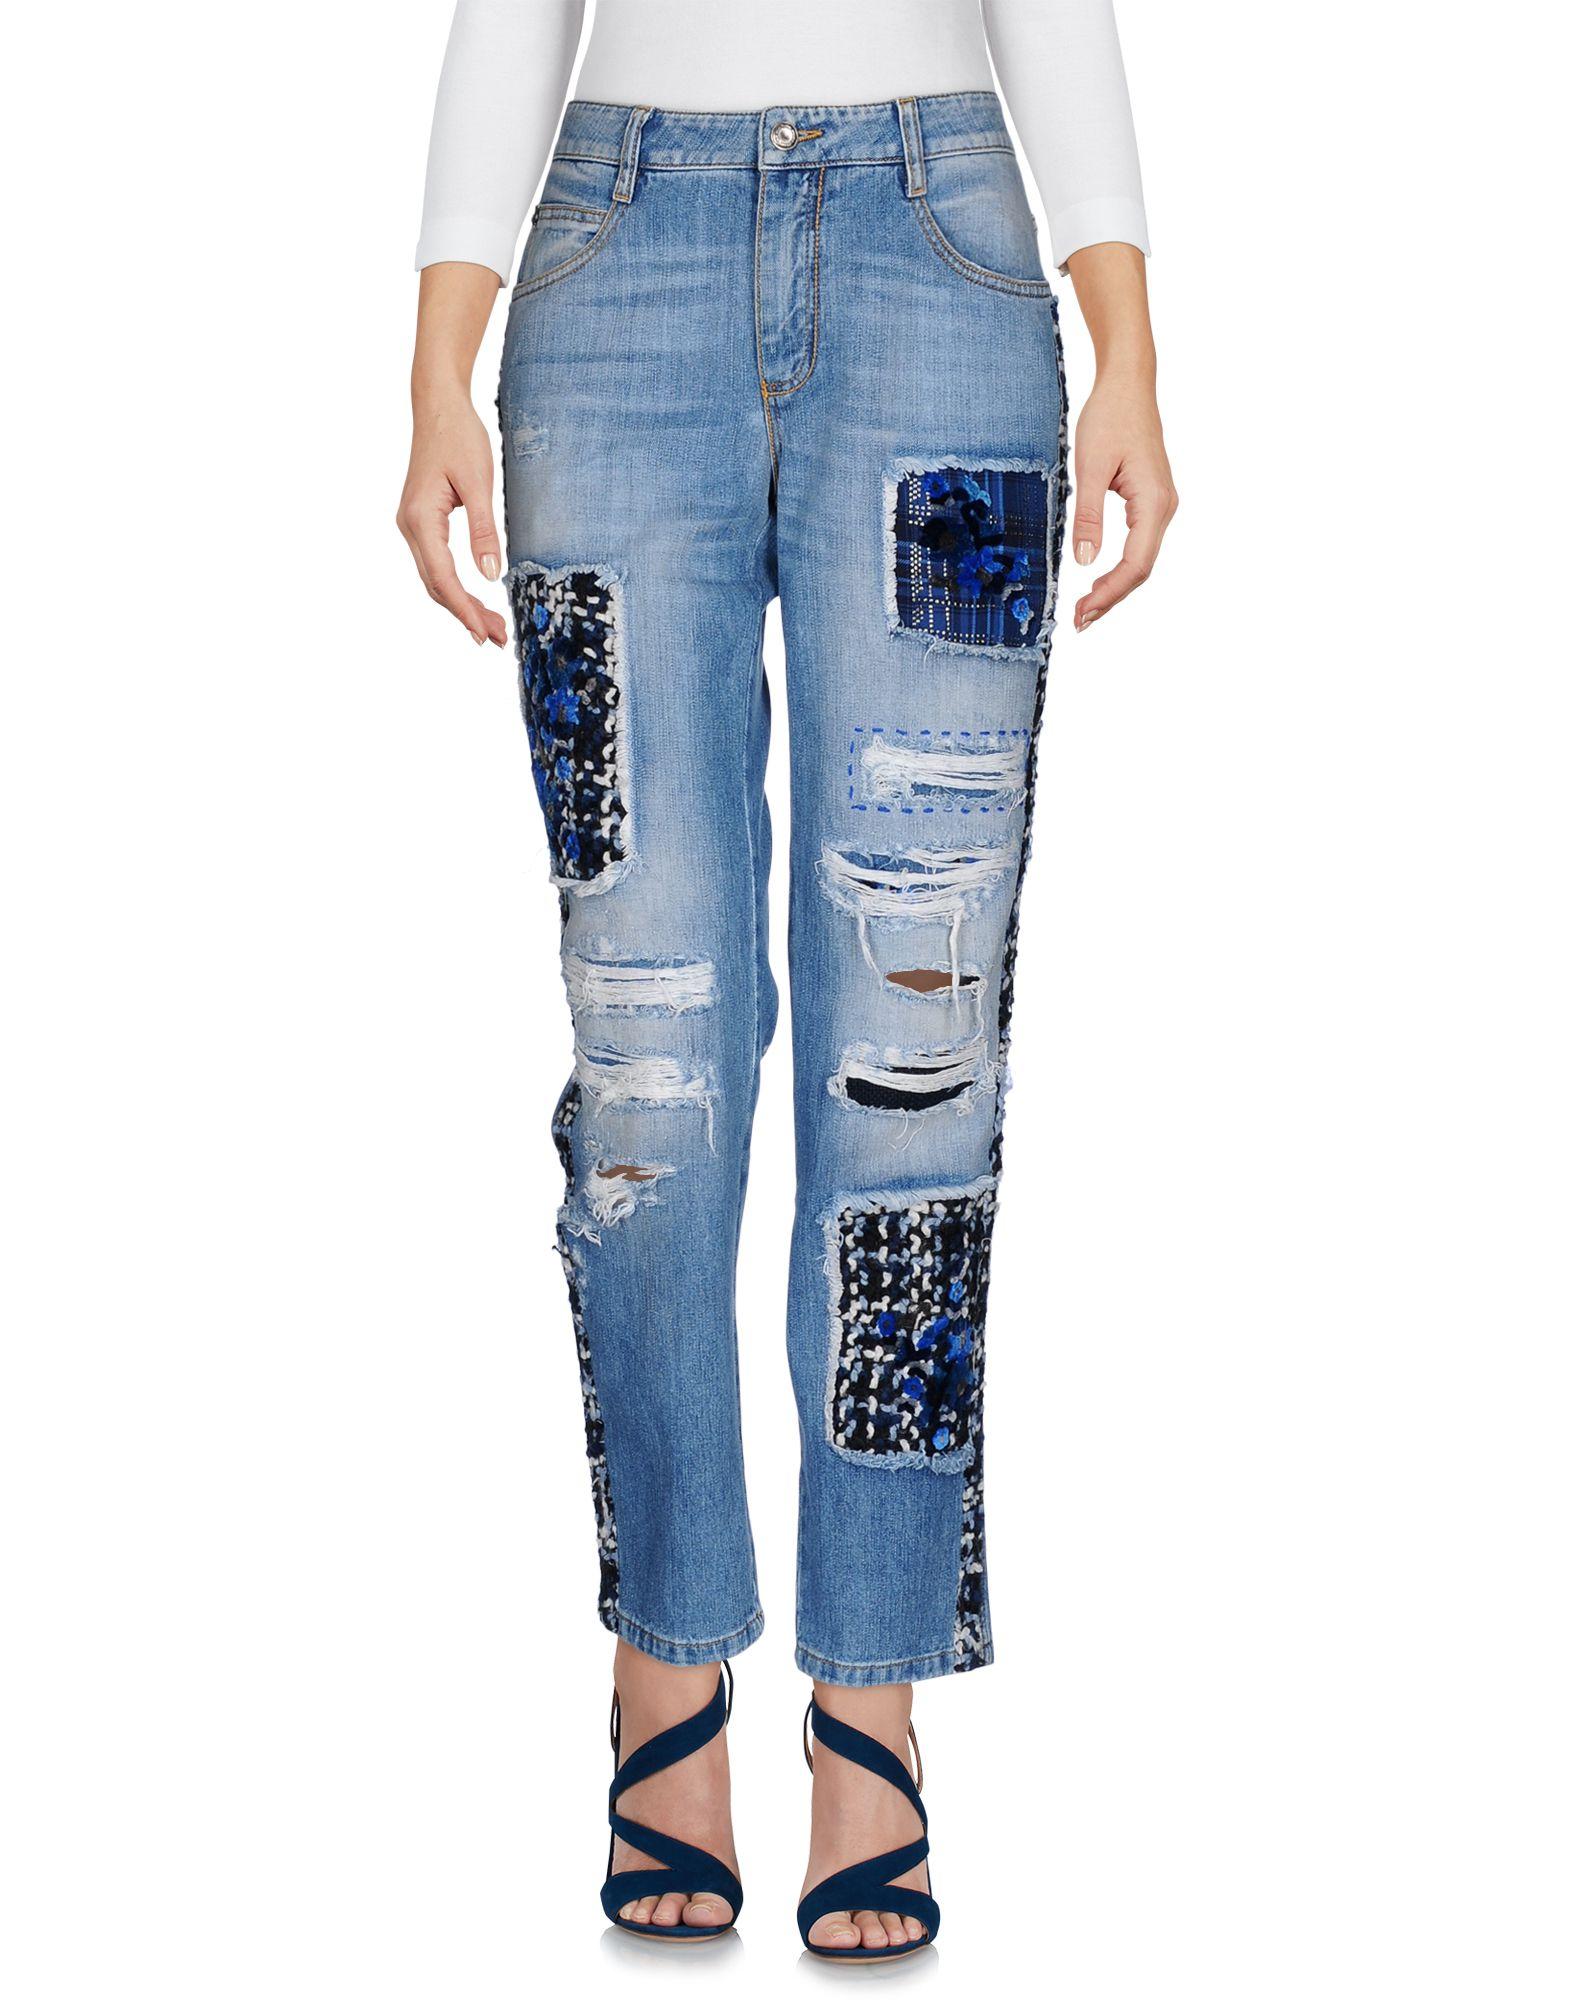 ERMANNO SCERVINO Damen Jeanshose Farbe Blau Größe 3 jetztbilligerkaufen